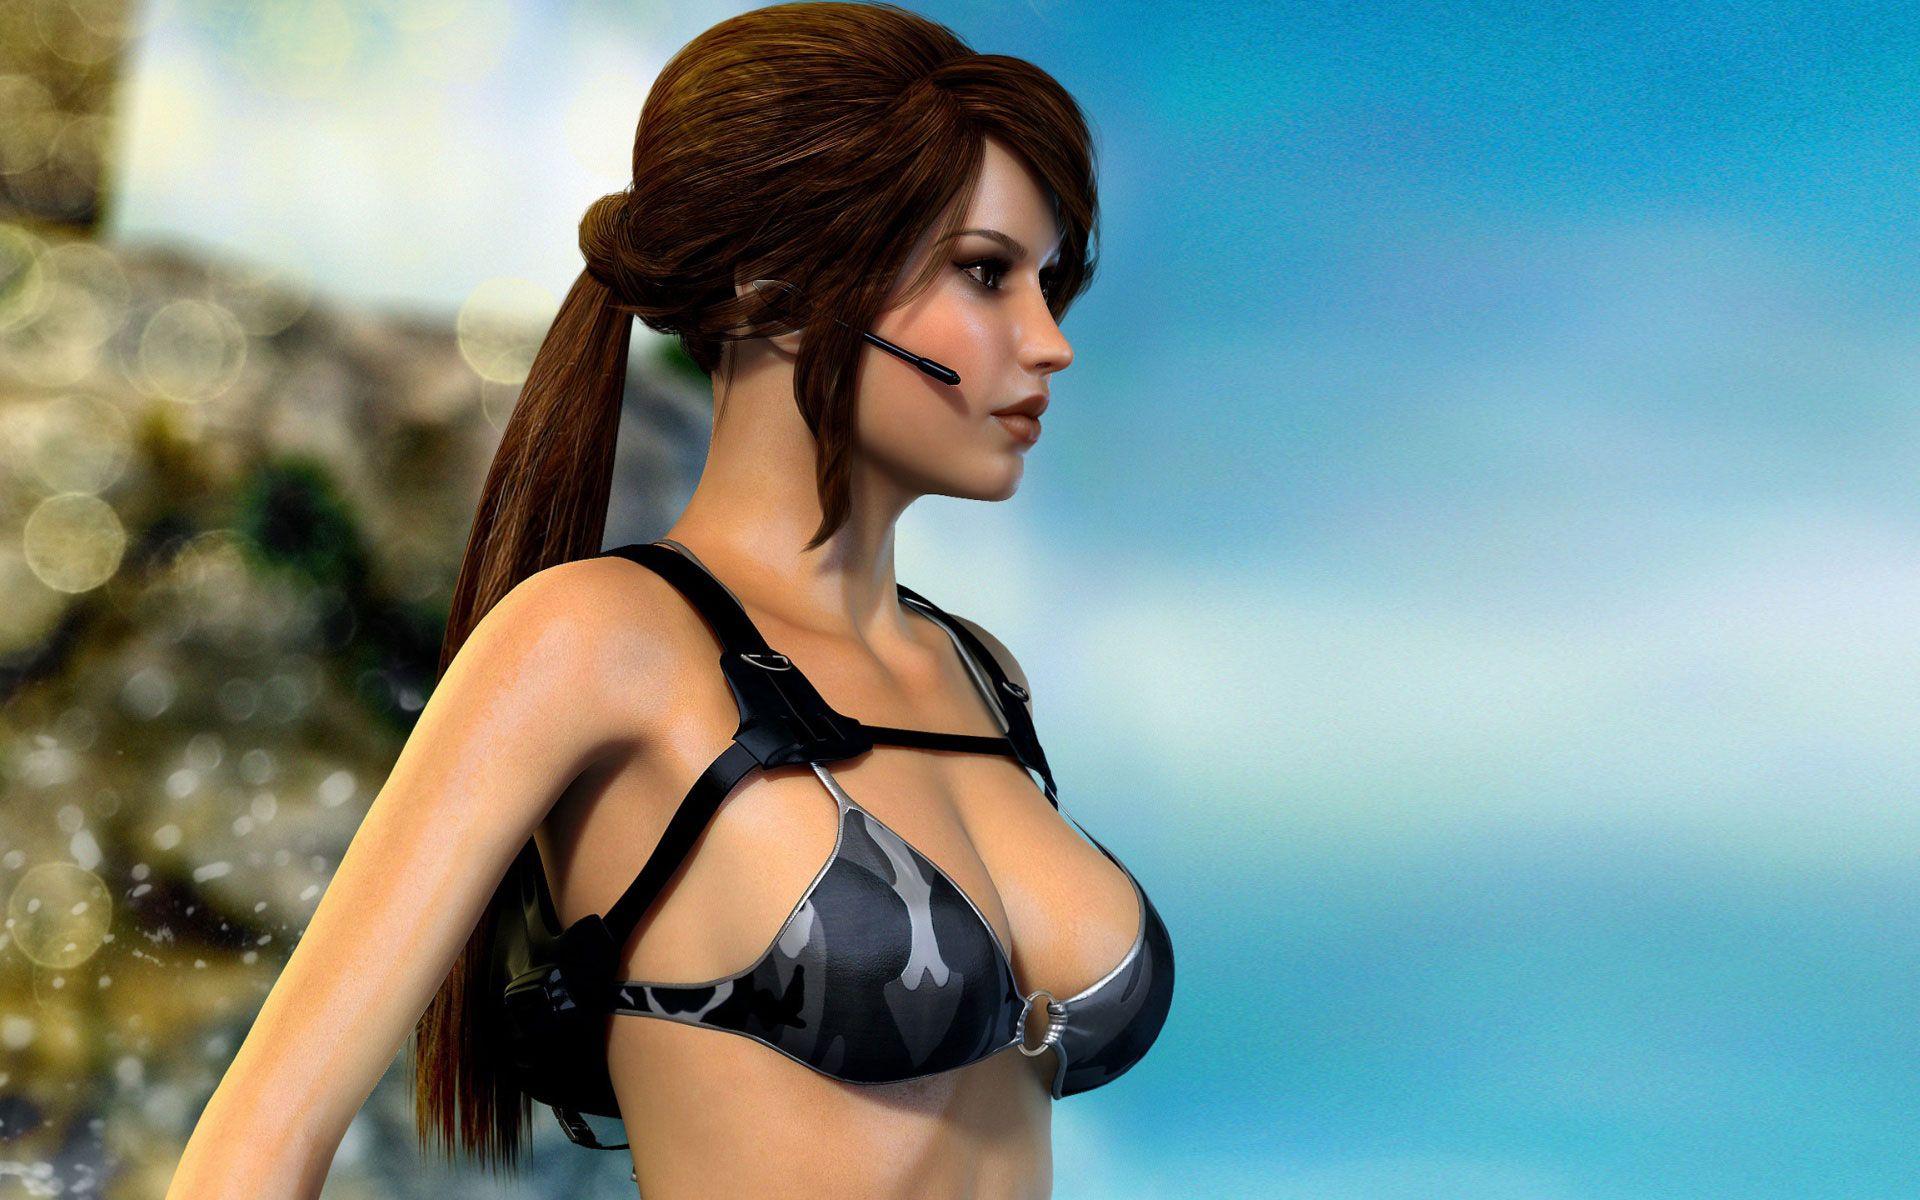 Georgia salpa makes fhm sexiest women list, shows off boobs to celebrate